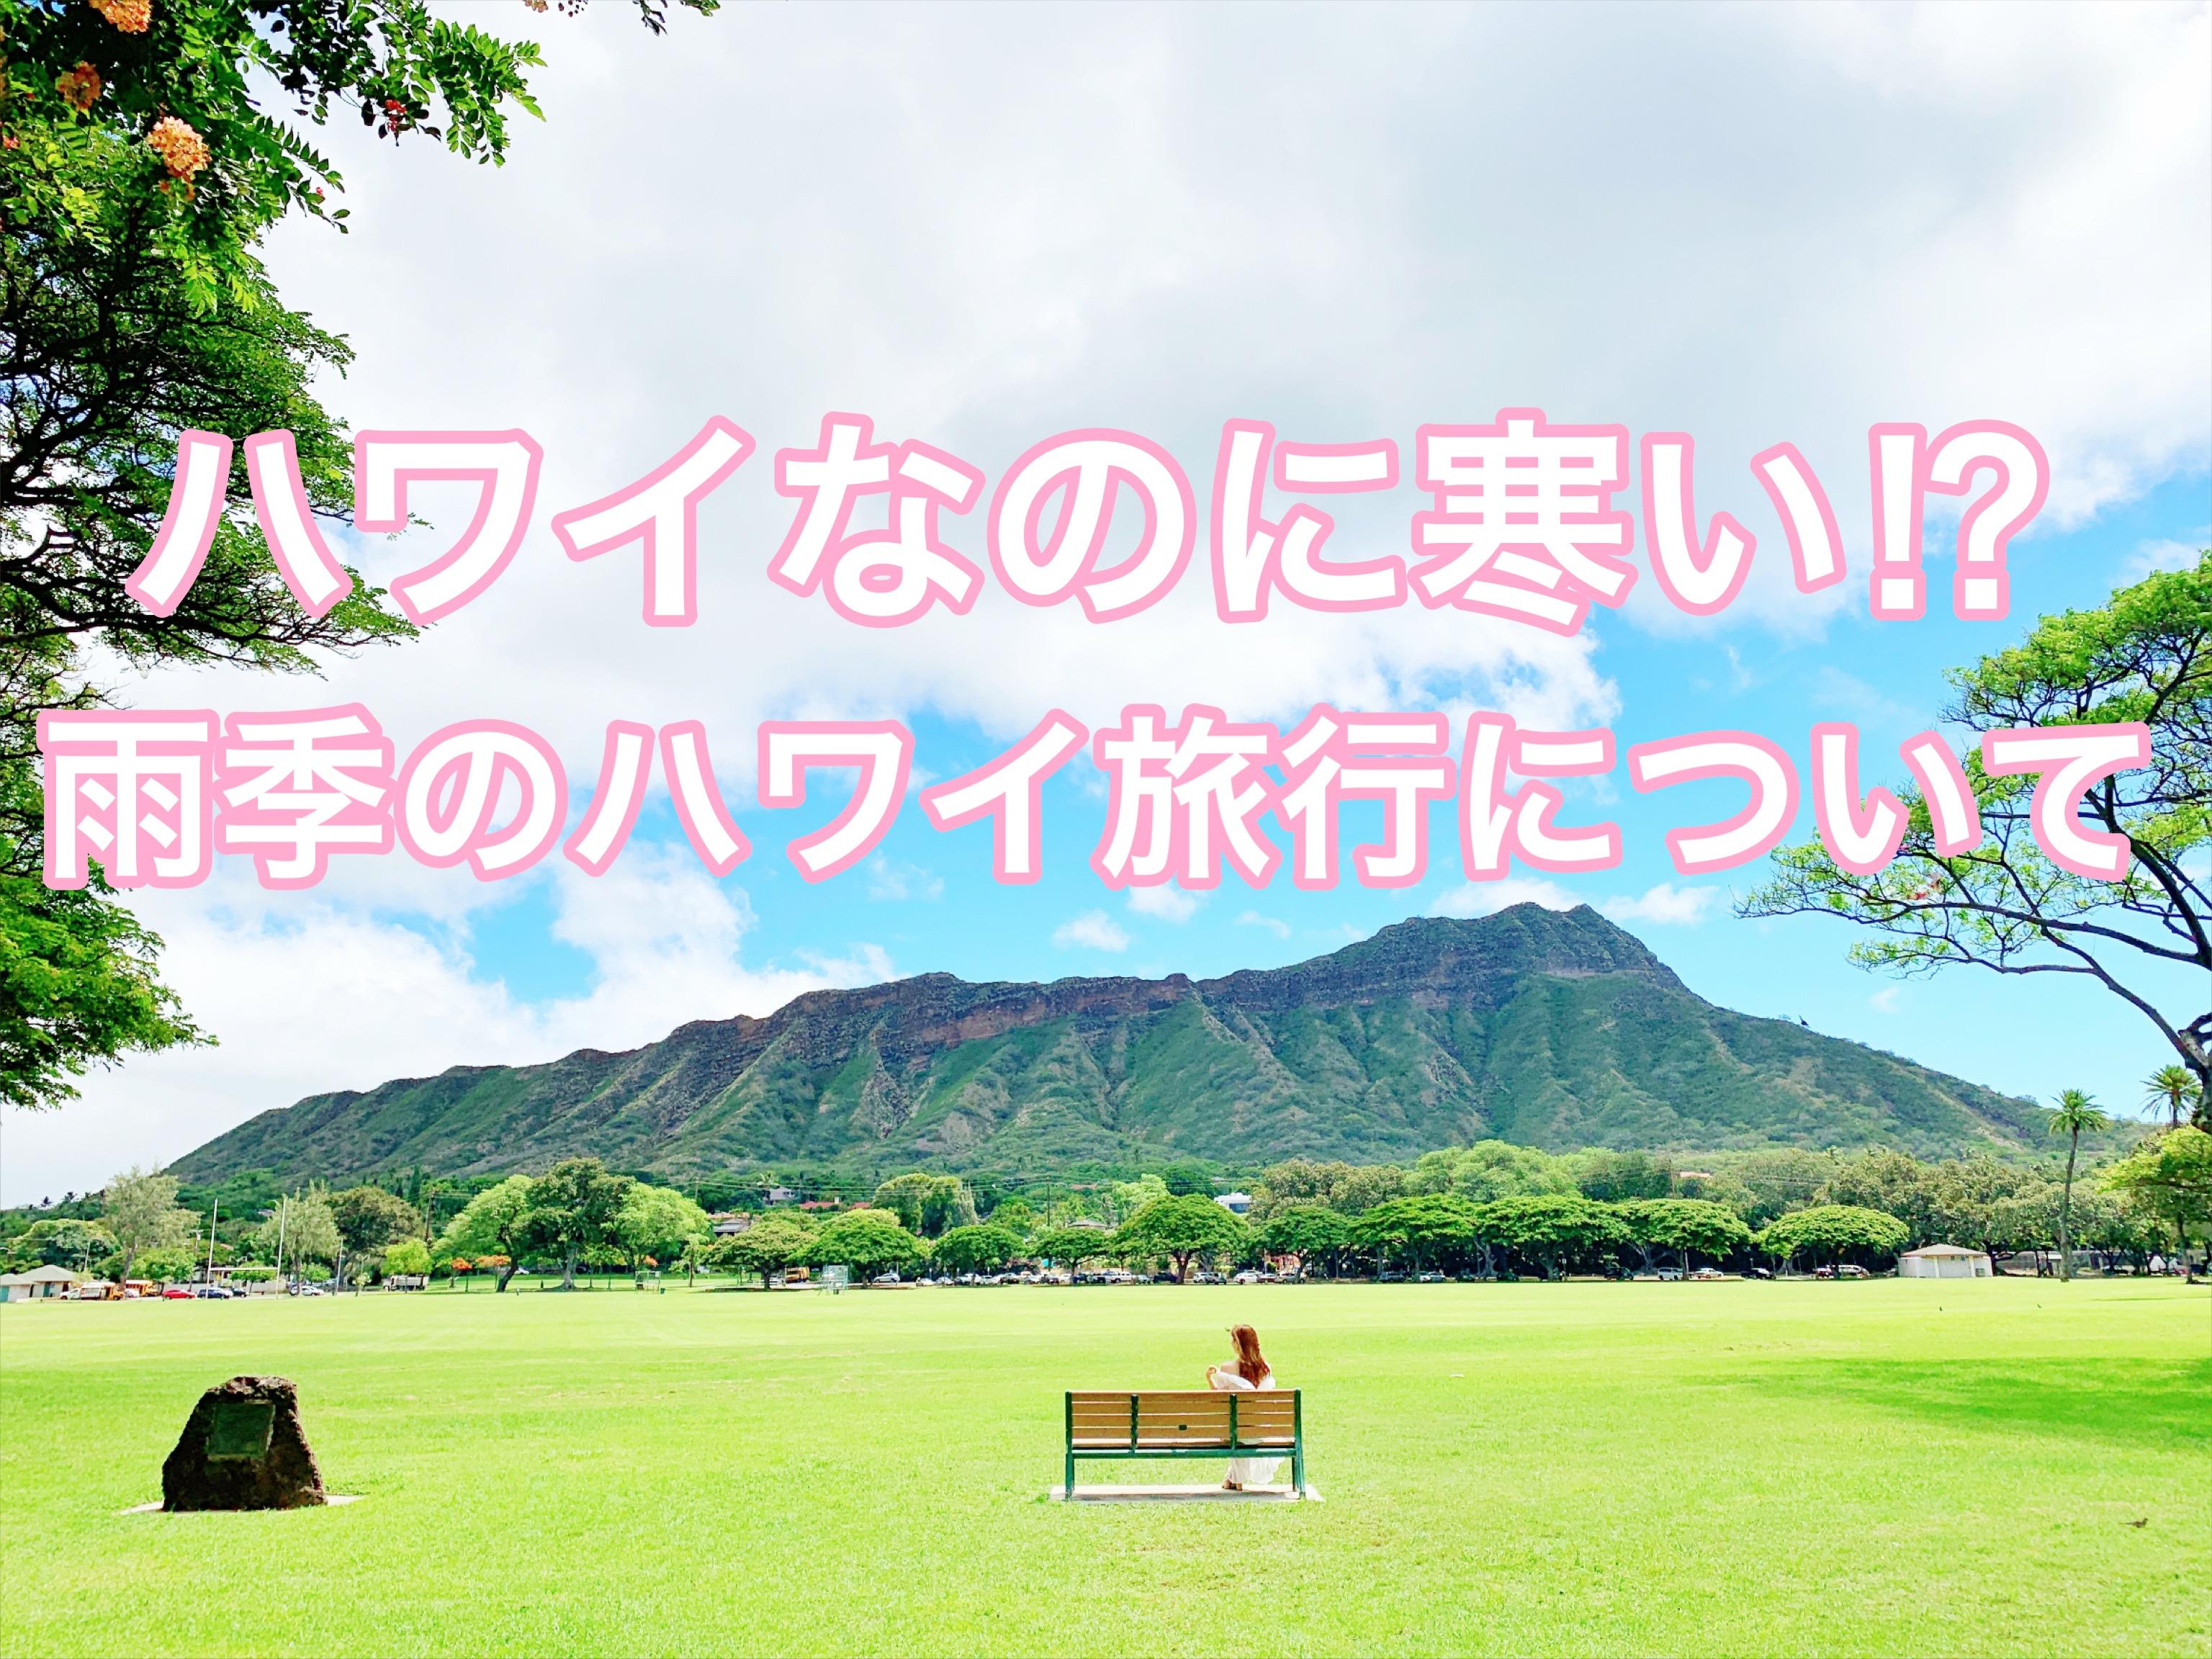 ハワイなのに寒い!?雨季のハワイ旅行や服装について